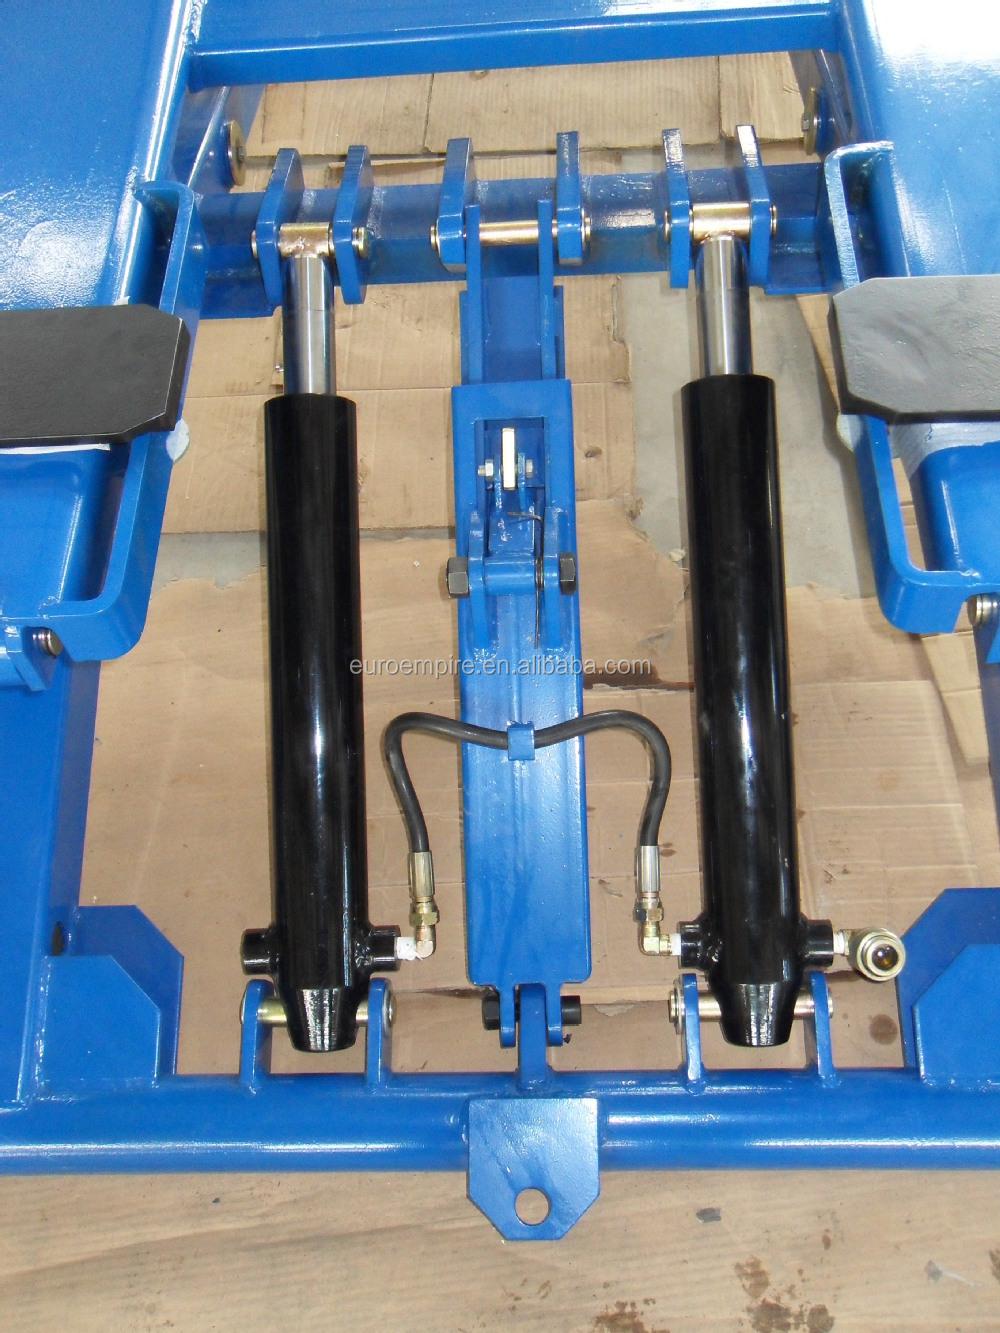 Car Hydraulic Ramps Lifts Used Car Scissor Car Lift